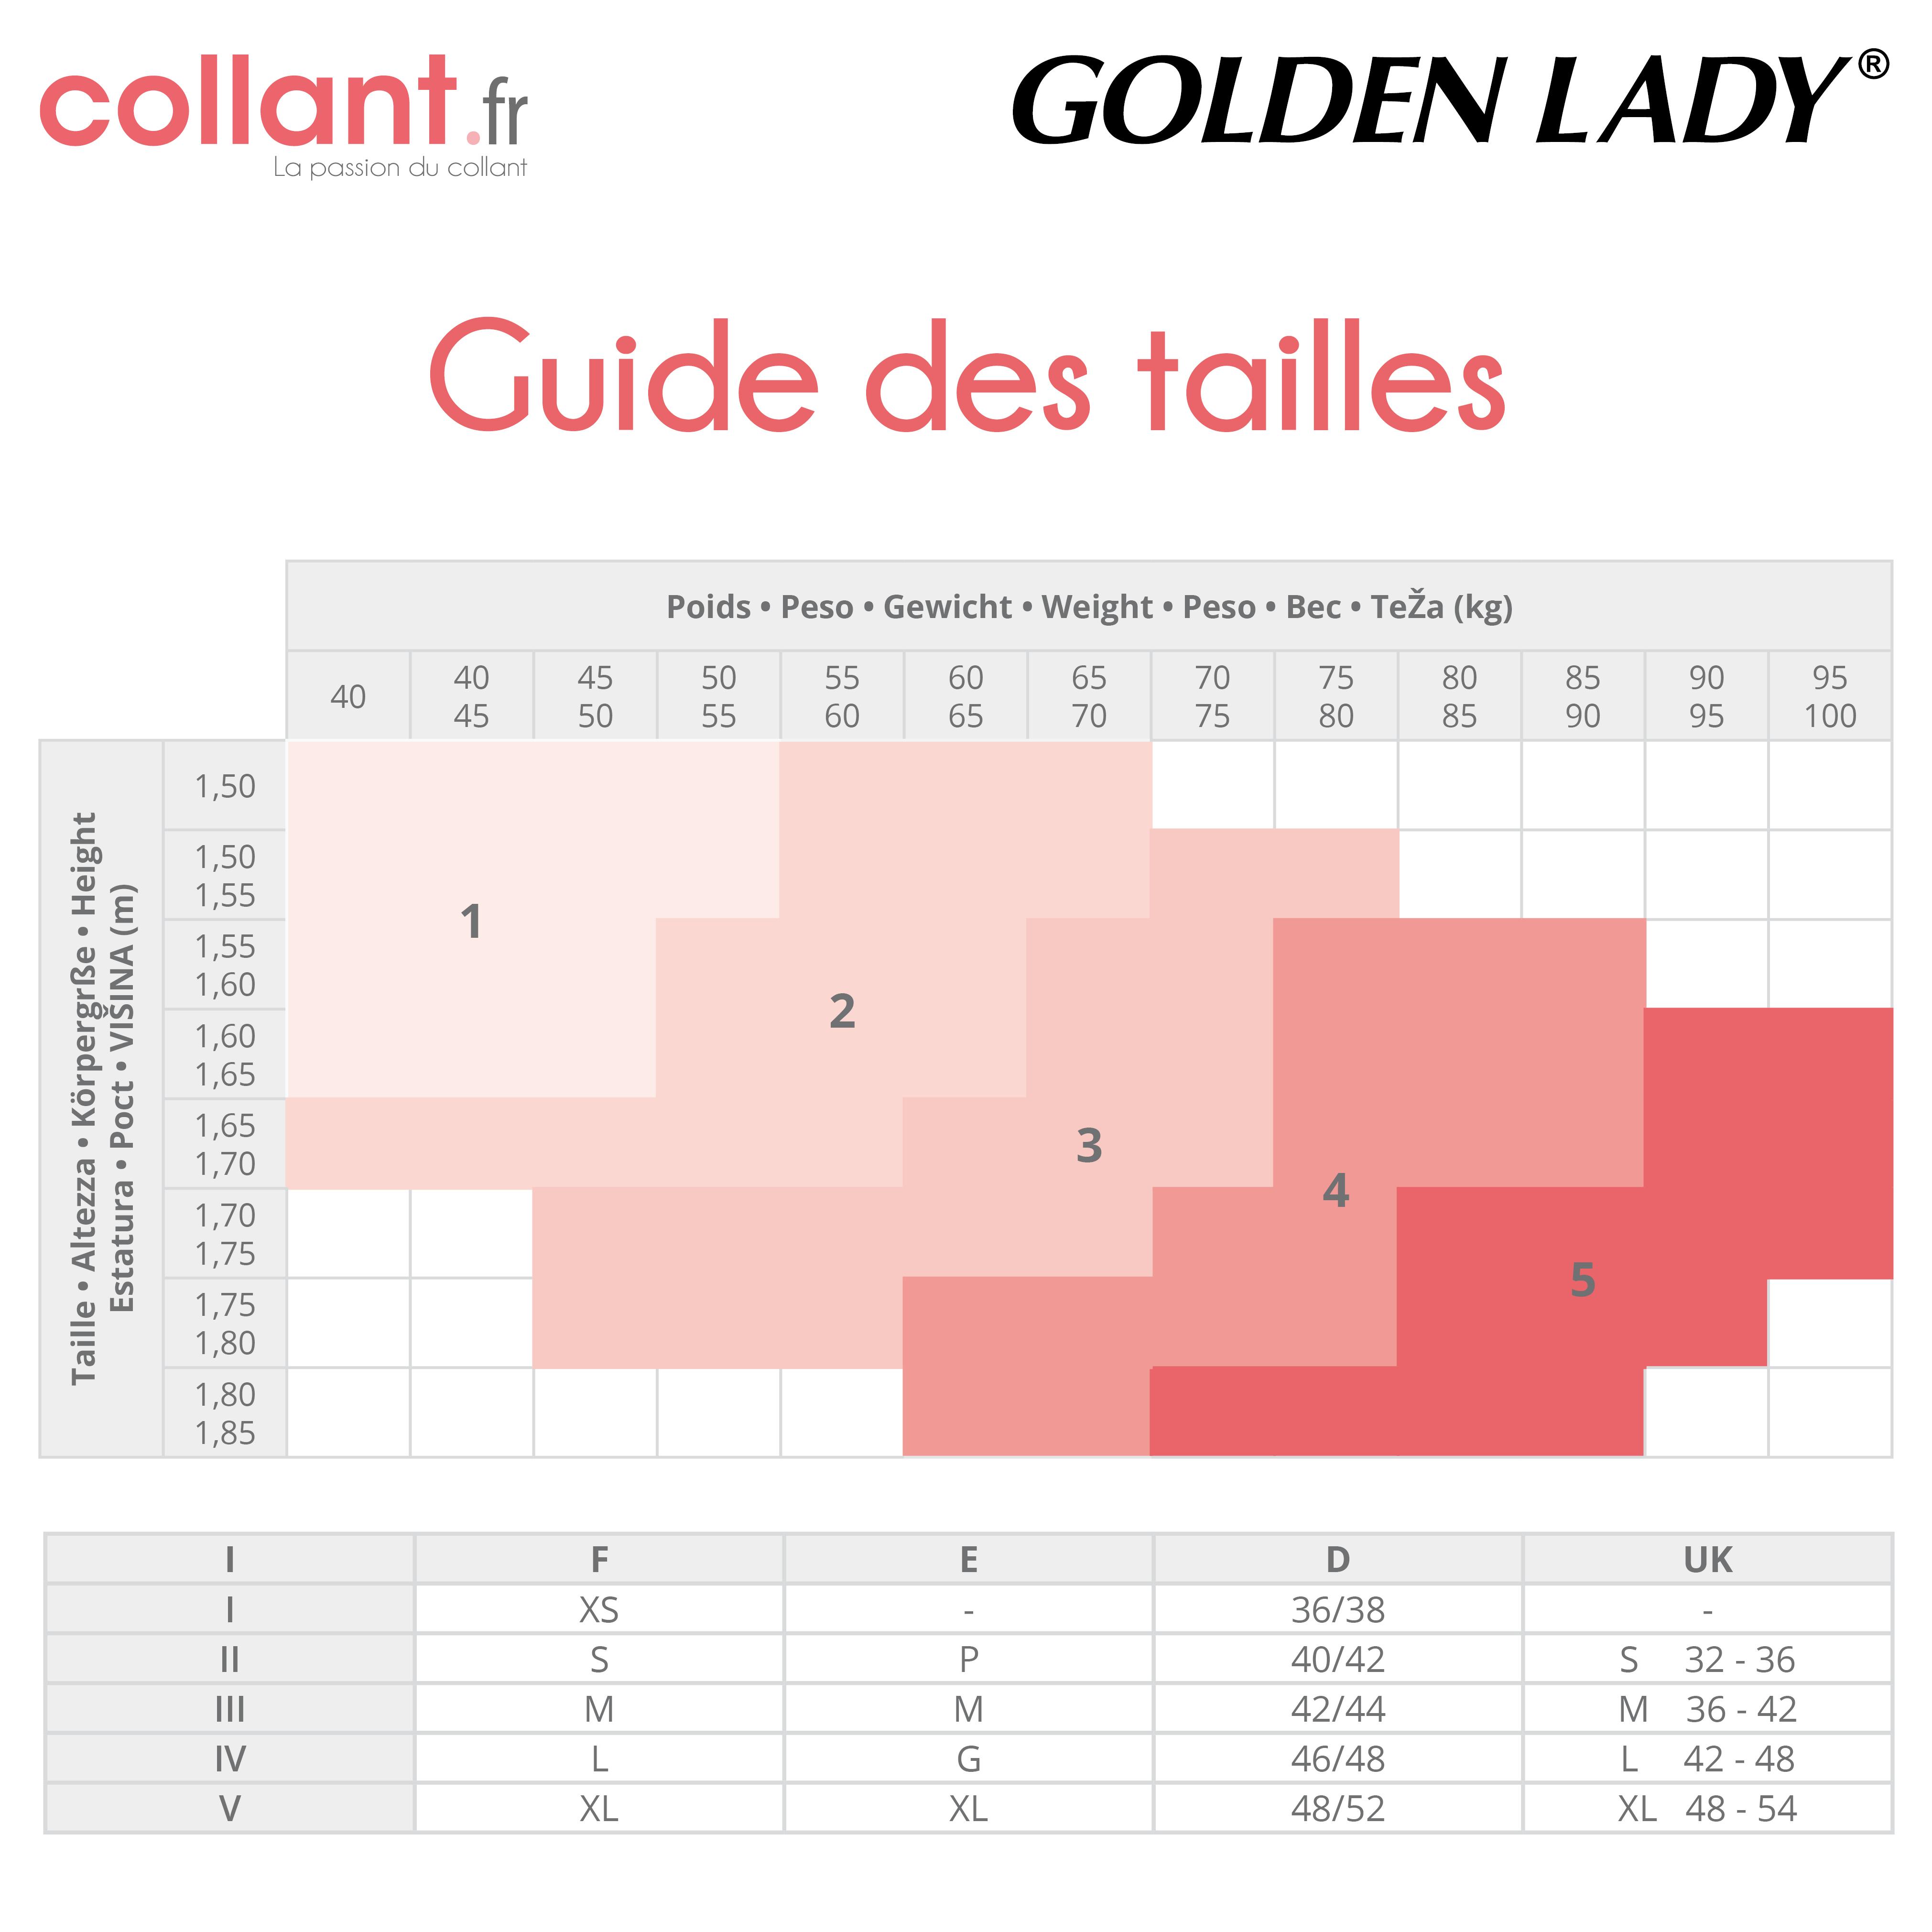 Collant Liberté Absolue Opaque de Golden Lady sur collant.fr d2aa701b697